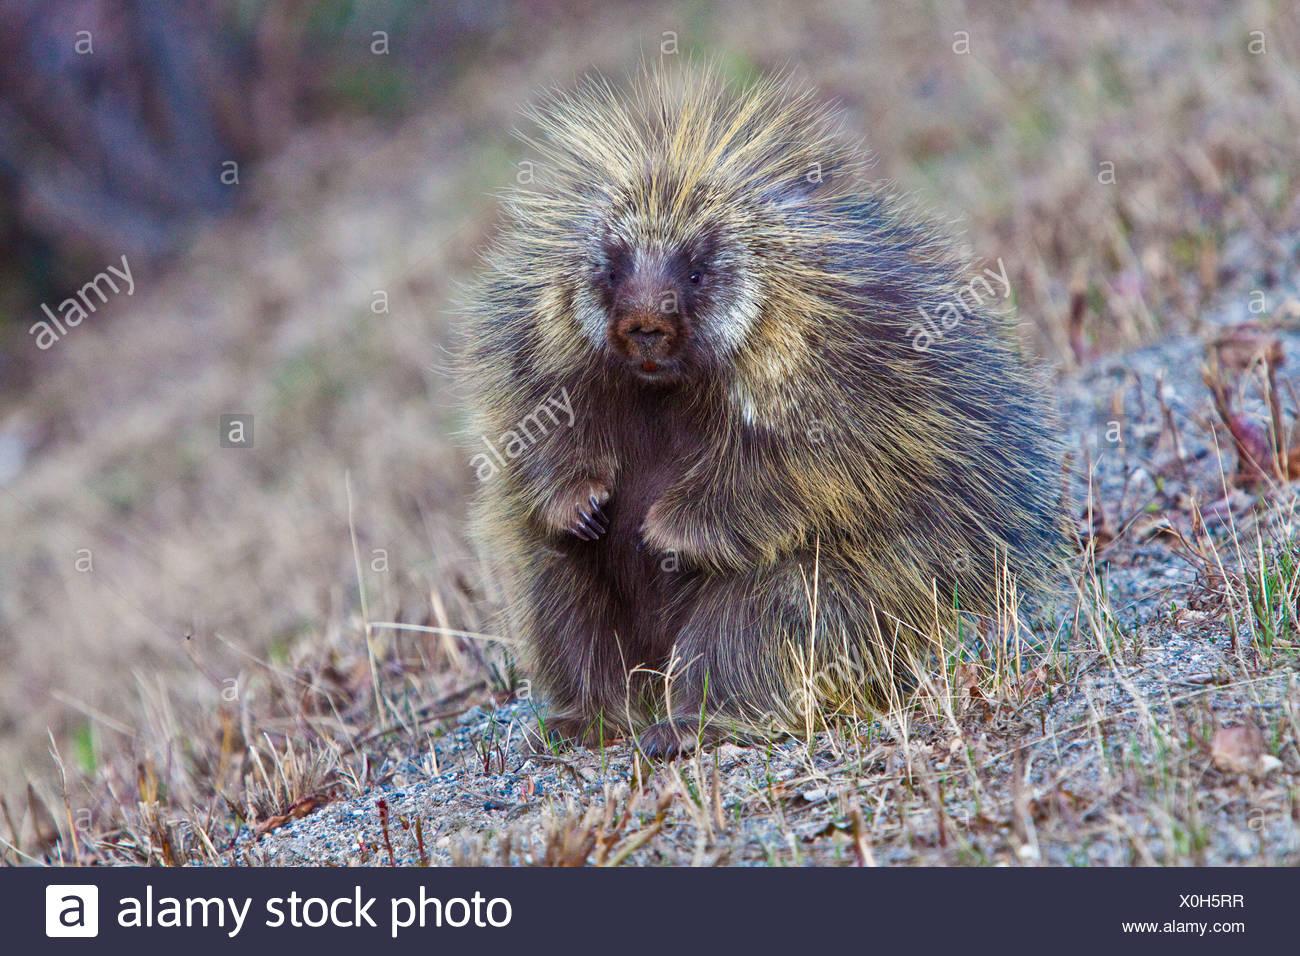 Porcupine plantea en una posición sentada por su imagen Imagen De Stock